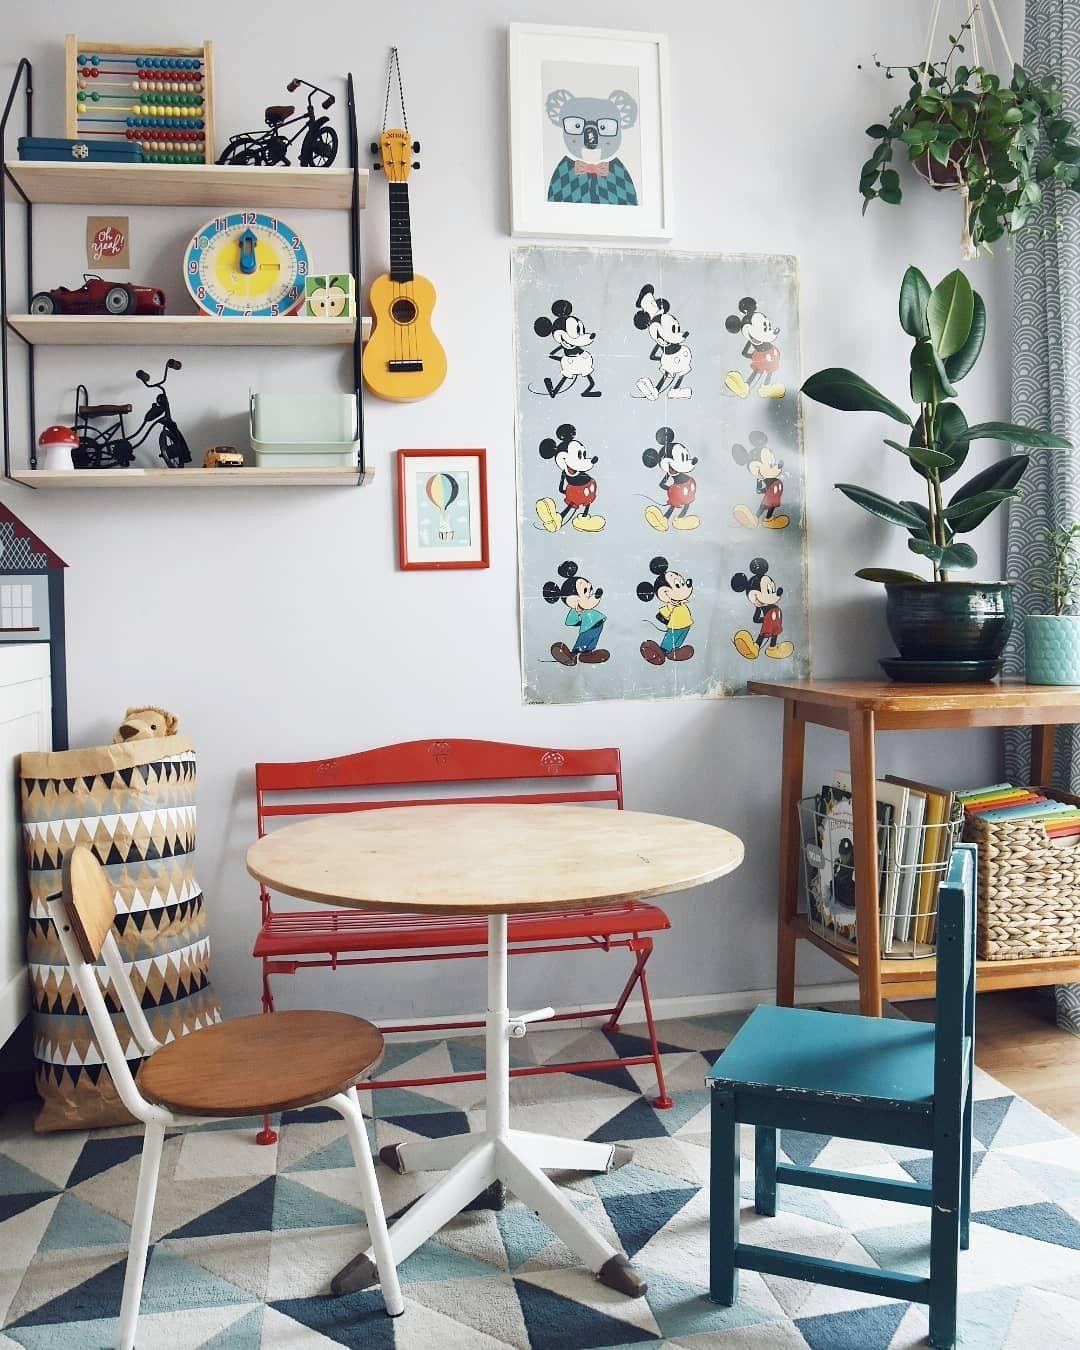 Playroom Vintage Furniture Posters Toys Plants (met